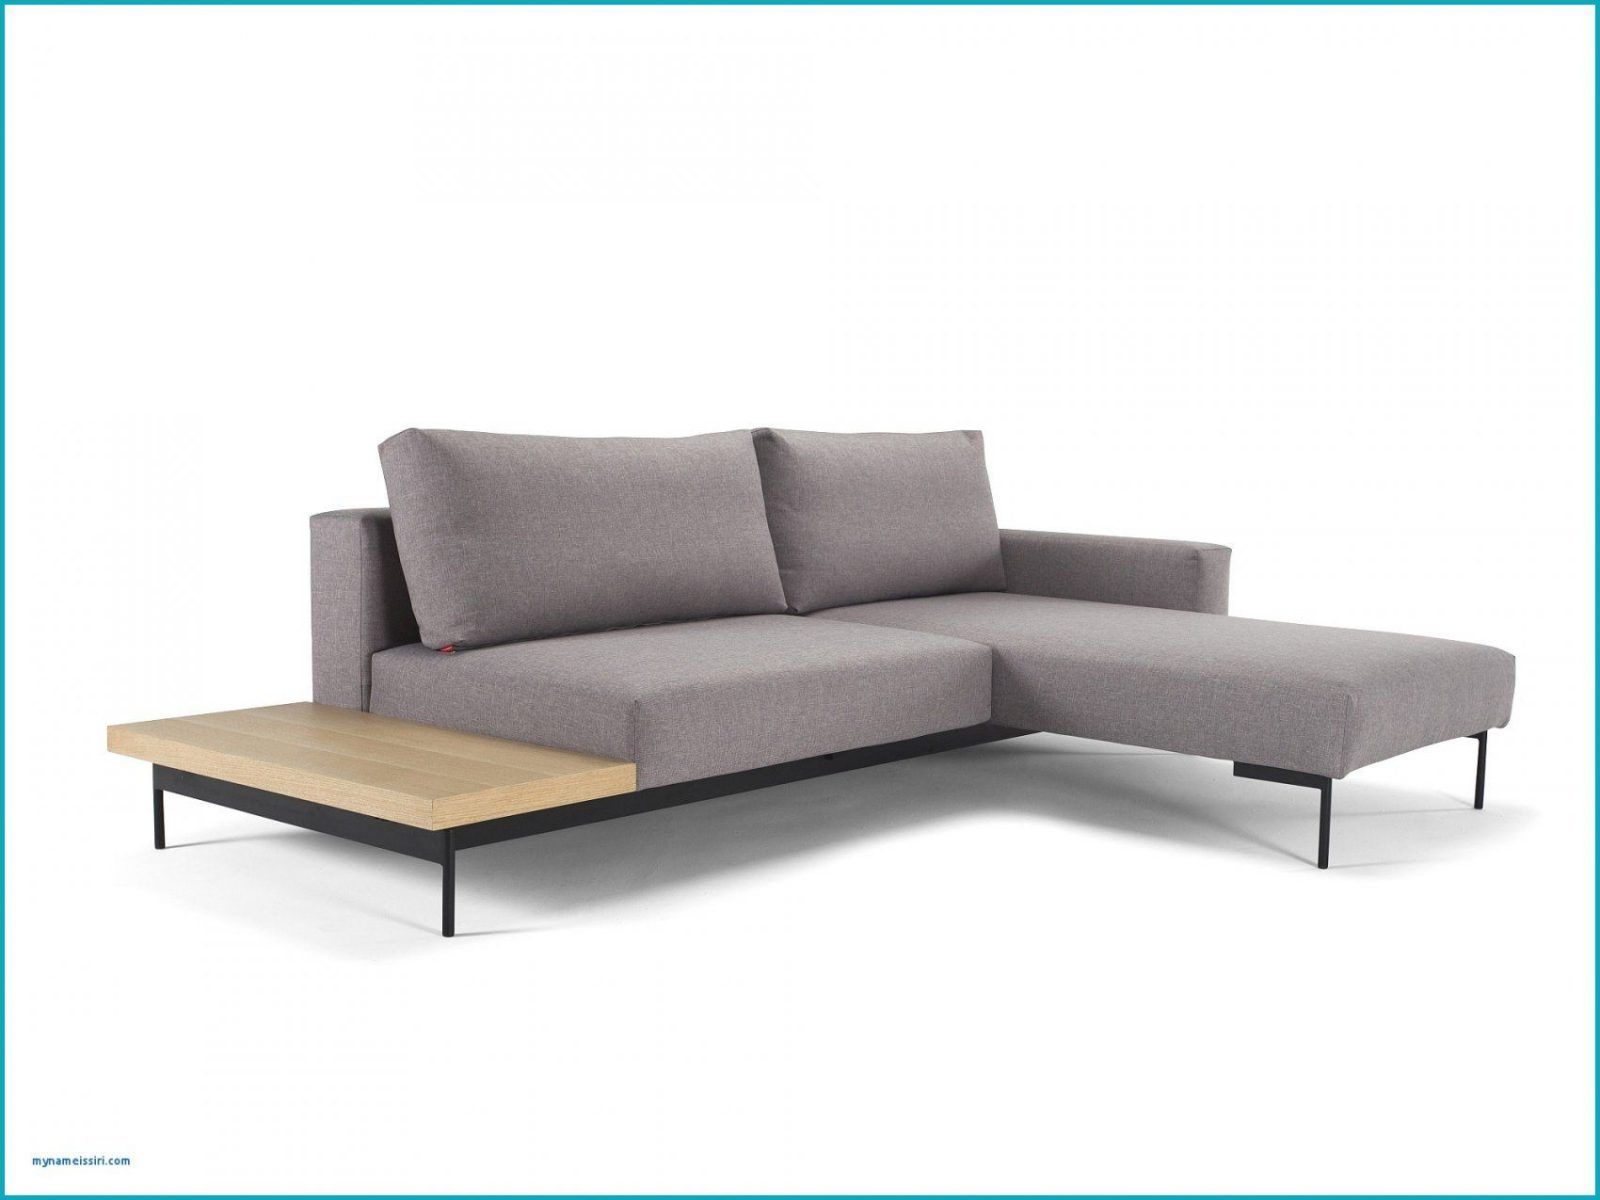 Sofa Mit Integriertem Tisch C99 Von Design Sofa Und Schlafsofa Bragi von Sofa Mit Integriertem Tisch Bild